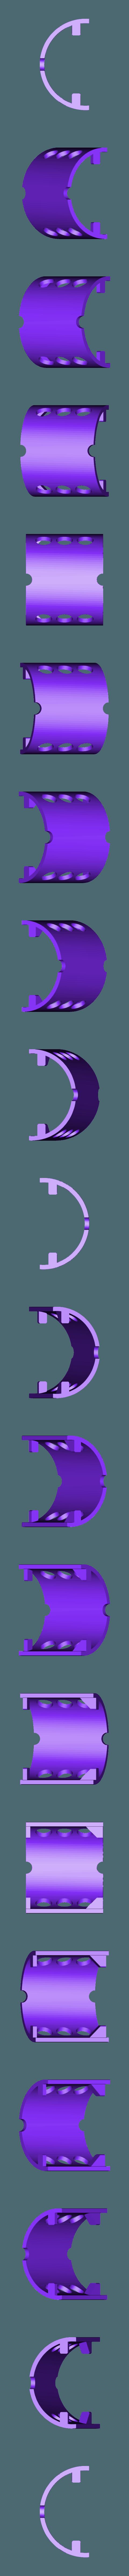 Fuselage.stl Télécharger fichier STL gratuit Hélicoptère Pull, Push, Downhill Toy 2 • Design pour imprimante 3D, gzumwalt